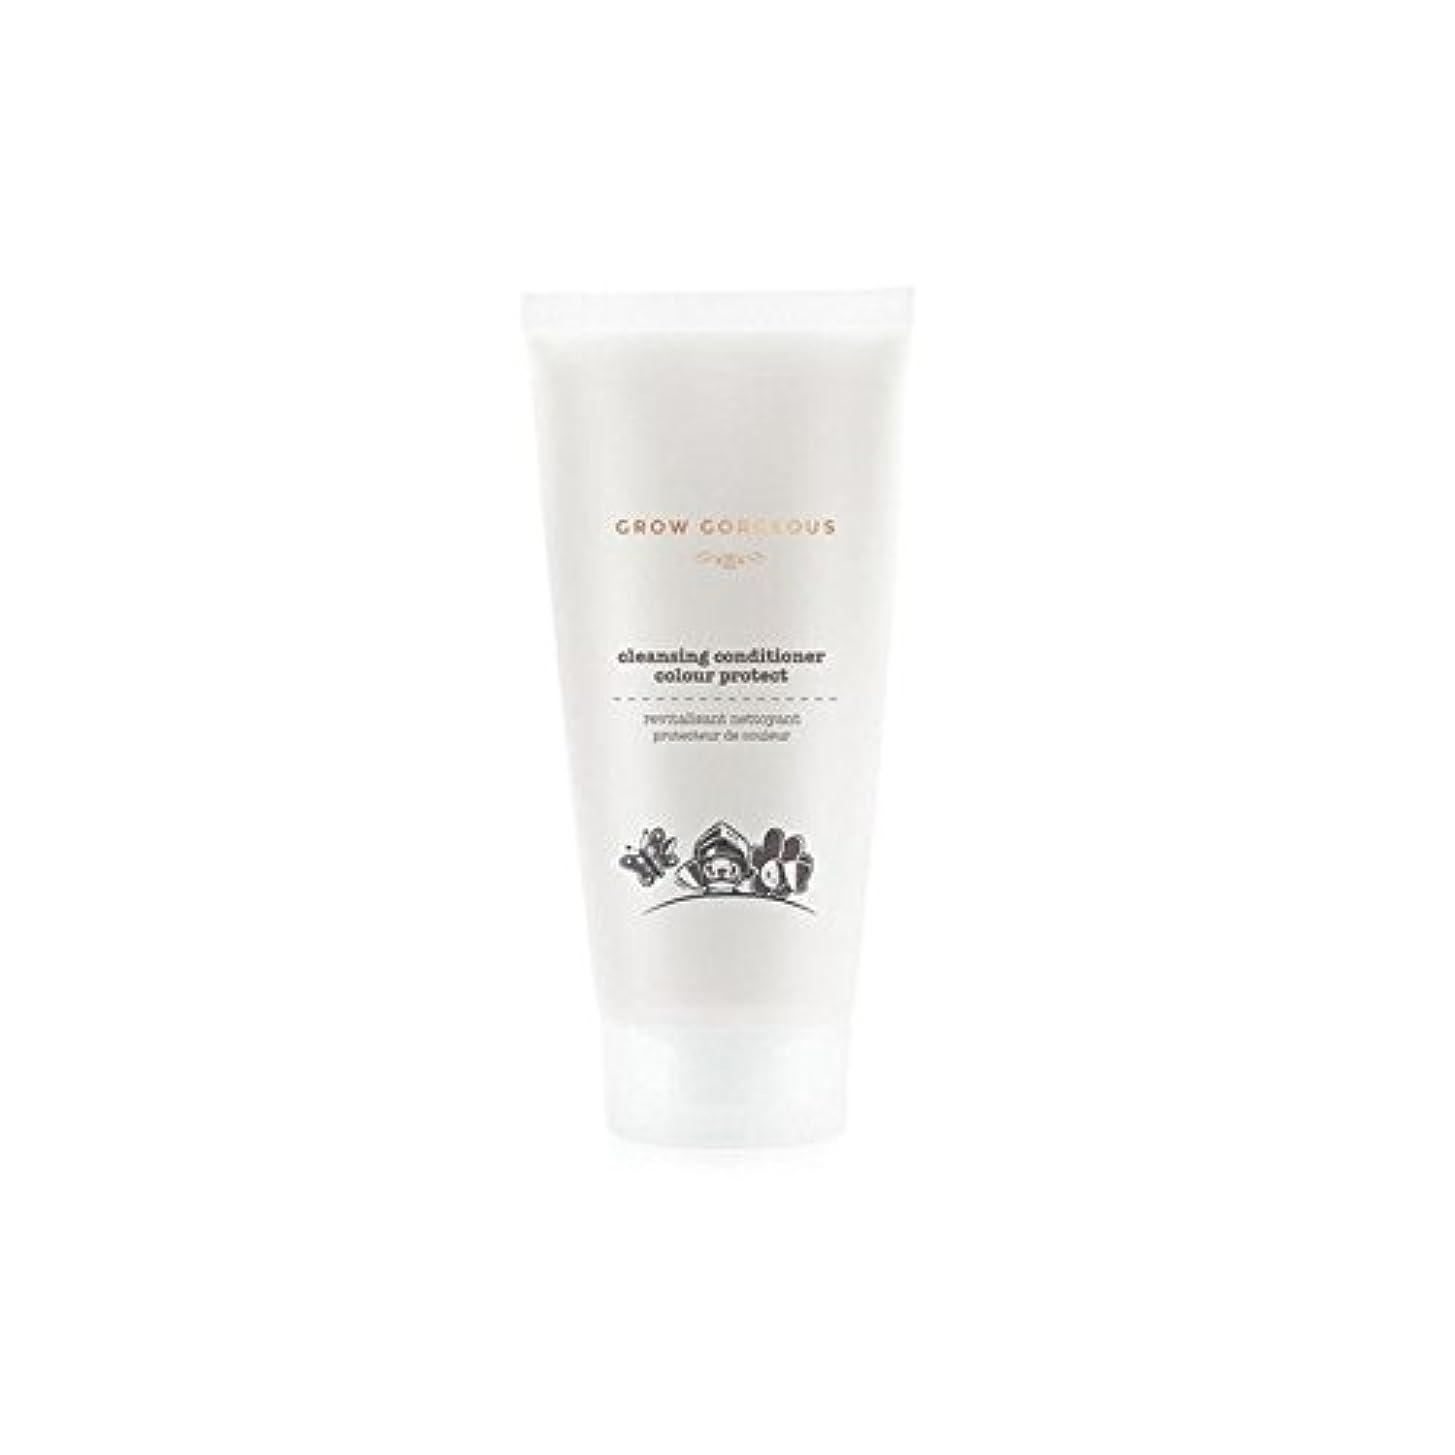 頬骨数値精査する(190ミリリットル)を保護ゴージャスなクレンジングコンディショナーの色を育てます x2 - Grow Gorgeous Cleansing Conditioner Colour Protect (190ml) (Pack...